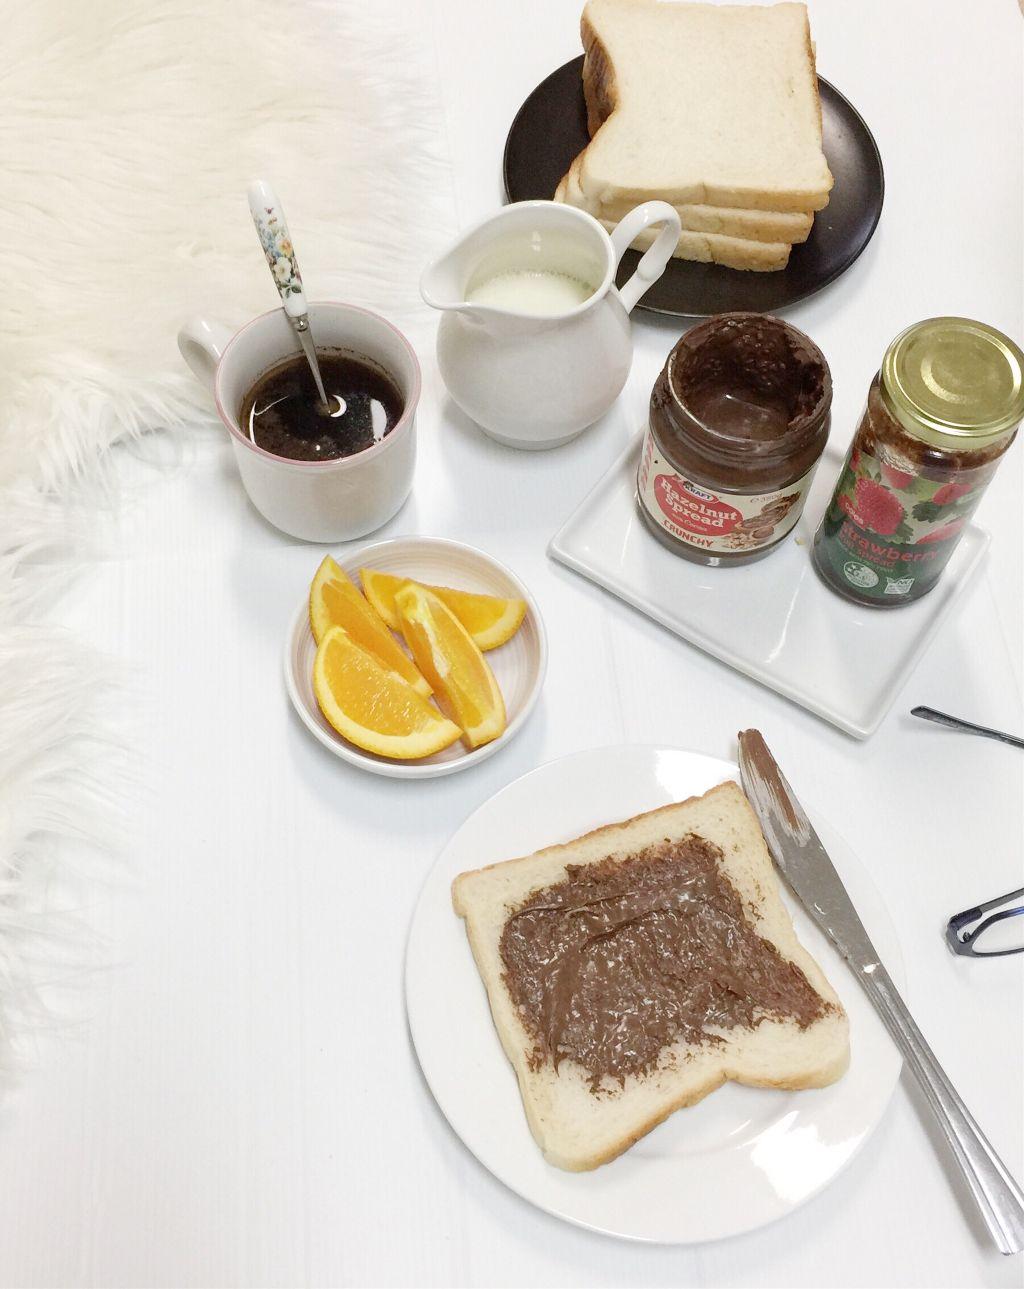 #morning #breakfast #coffee #FreeToEdit